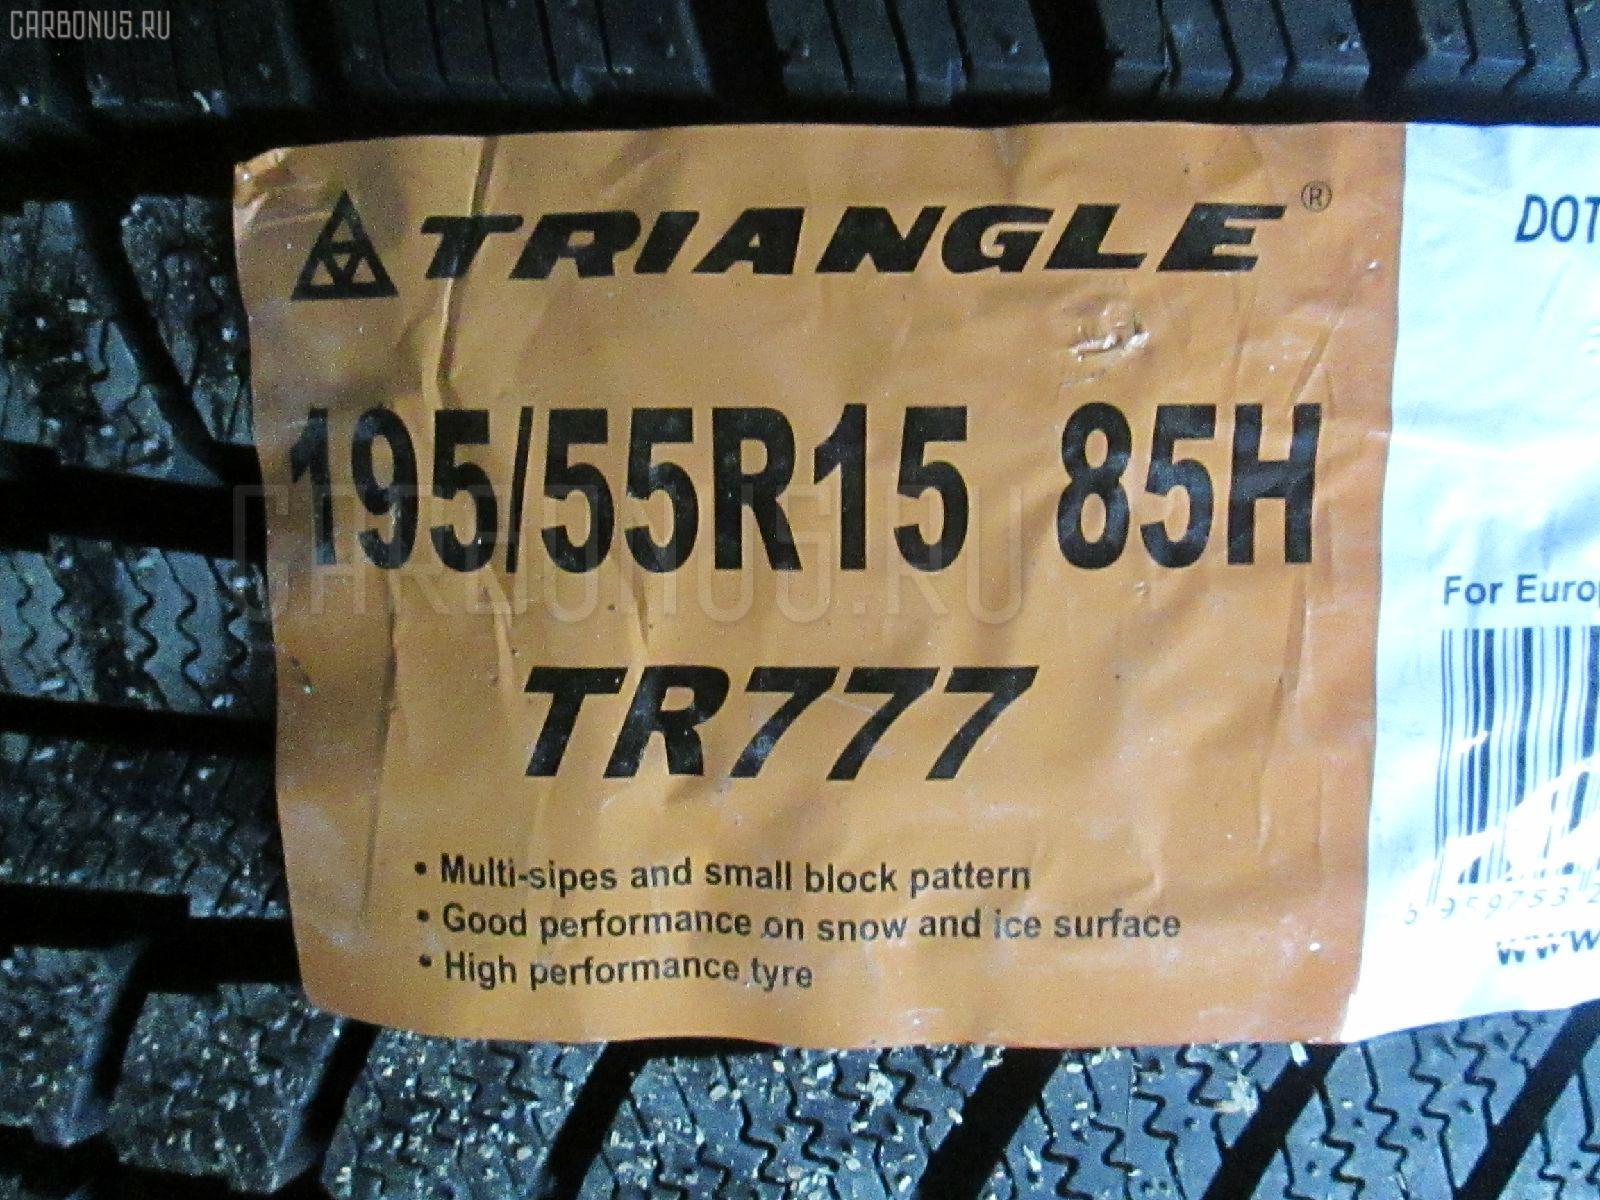 Автошина легковая зимняя TR777 195/55R15 TRIANGLE Фото 1